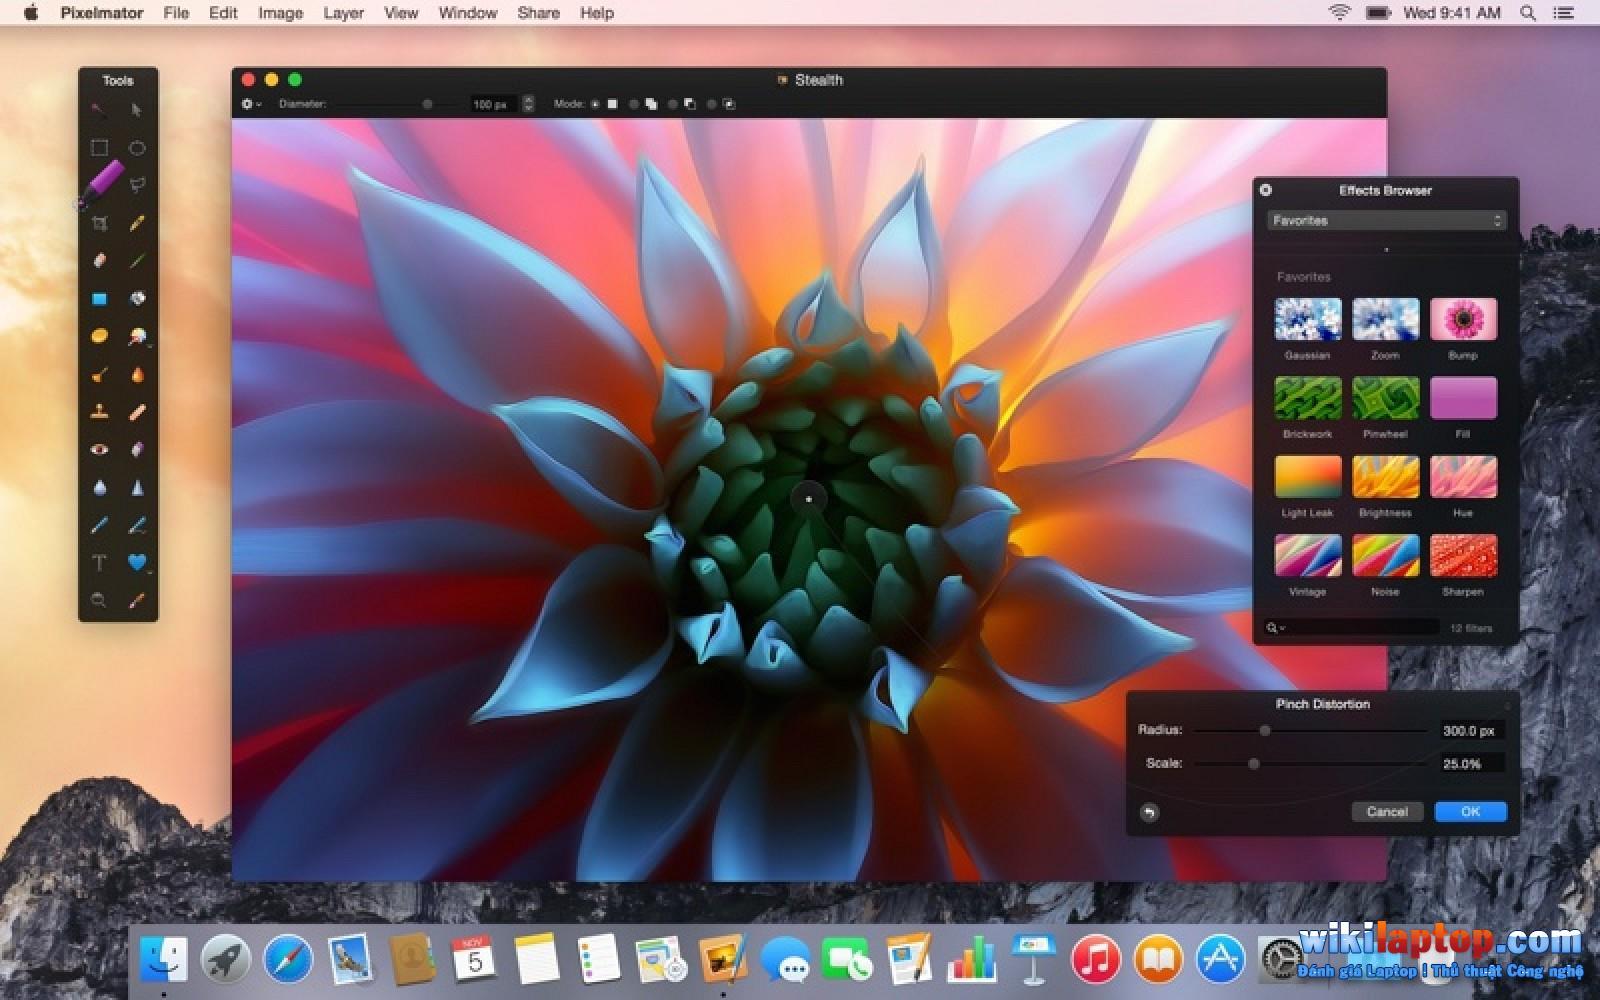 Sforum - Trang thông tin công nghệ mới nhất Mac-2 Nó cũng có cấu hình cao, nhưng tại sao Laptop Gaming không phổ biến như Macbook Pro?